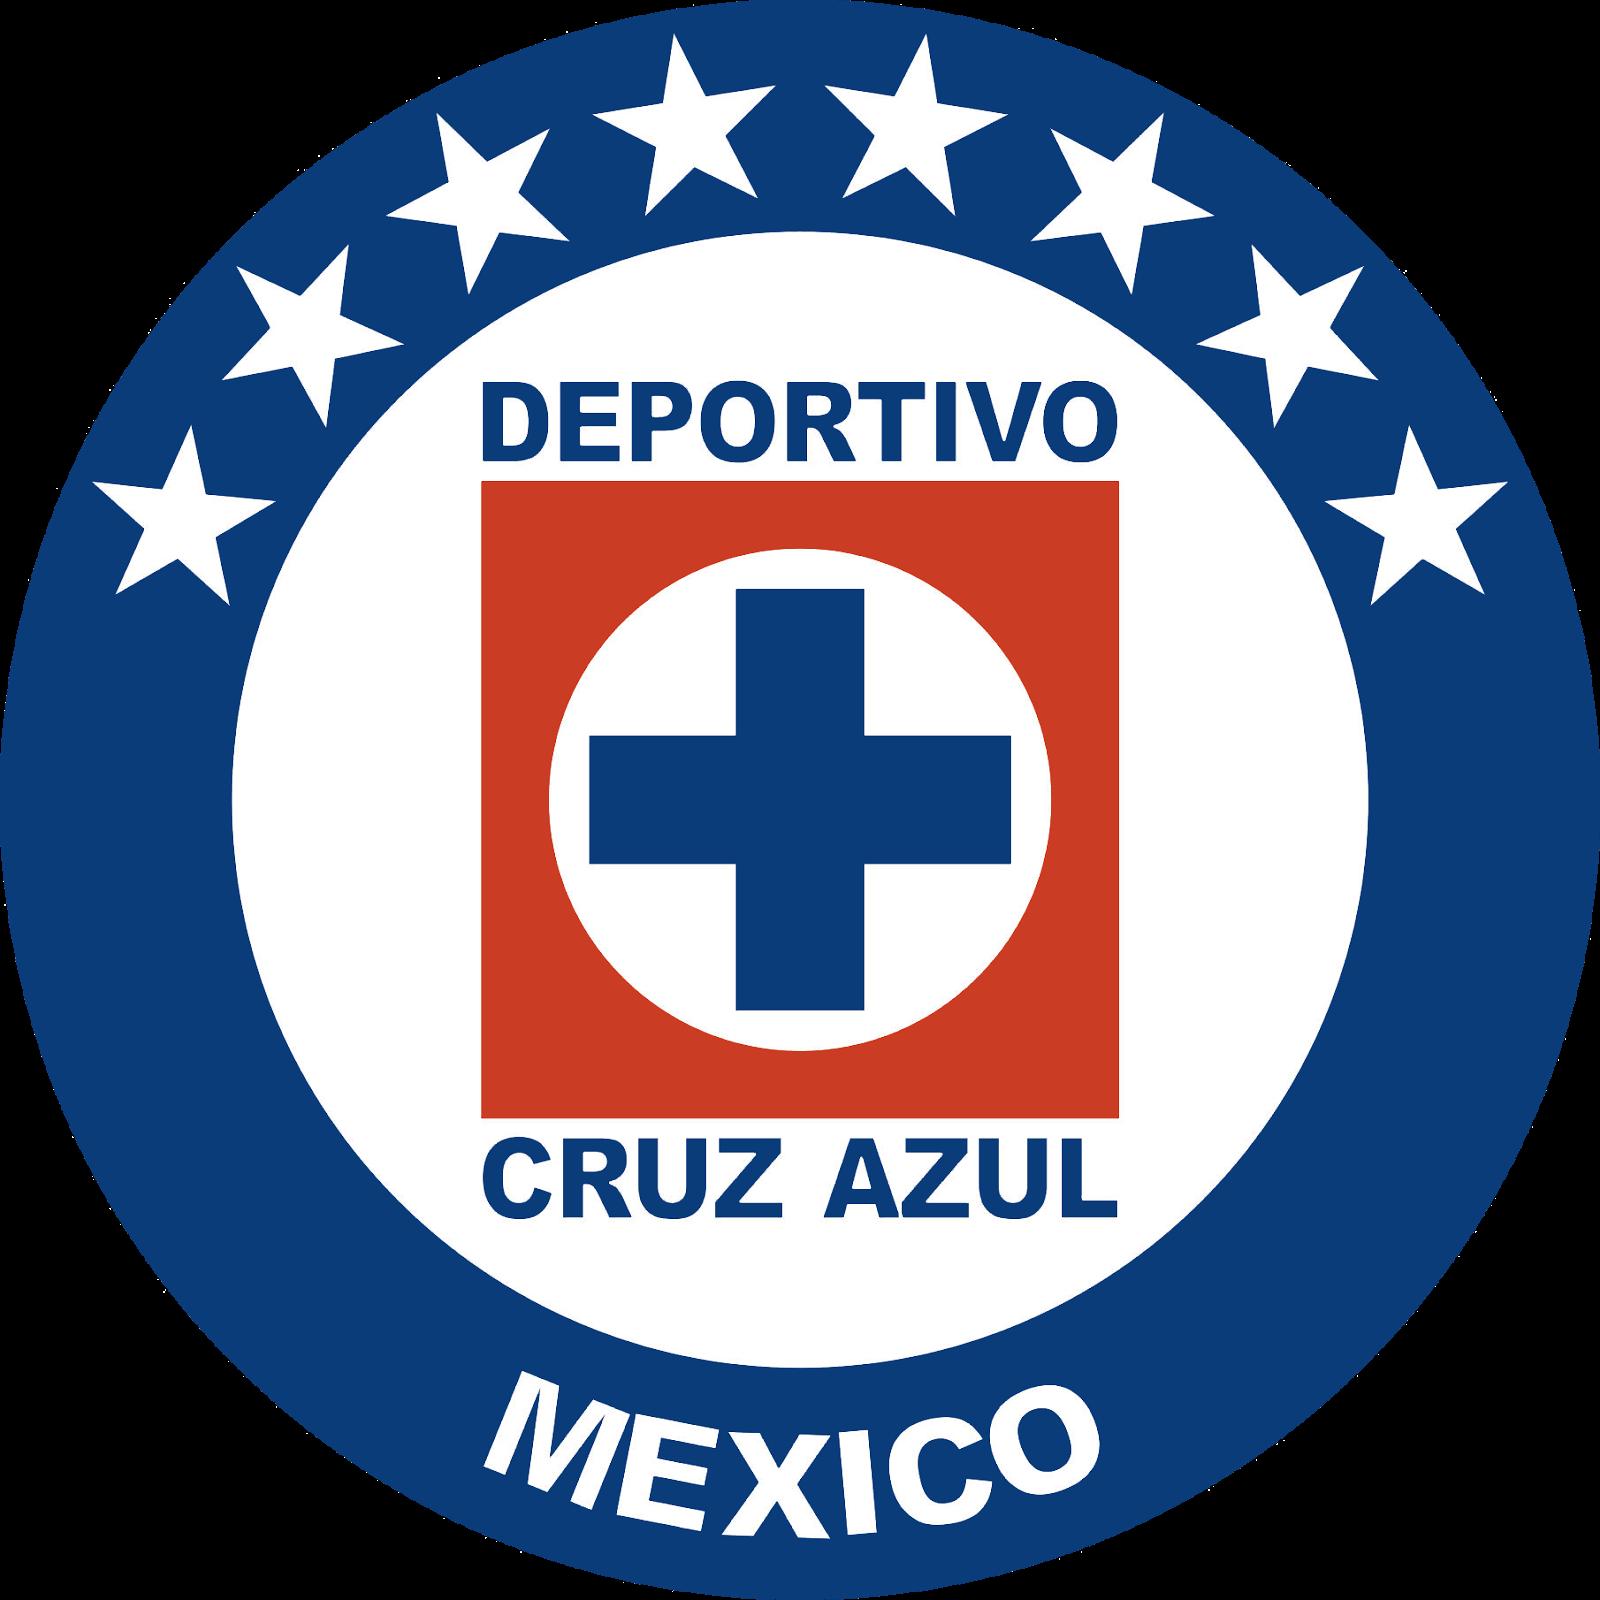 Escudos de los Equipos de Fútbol de México Liga MX  - Imagenes De Equipos De Futbol Mexicano